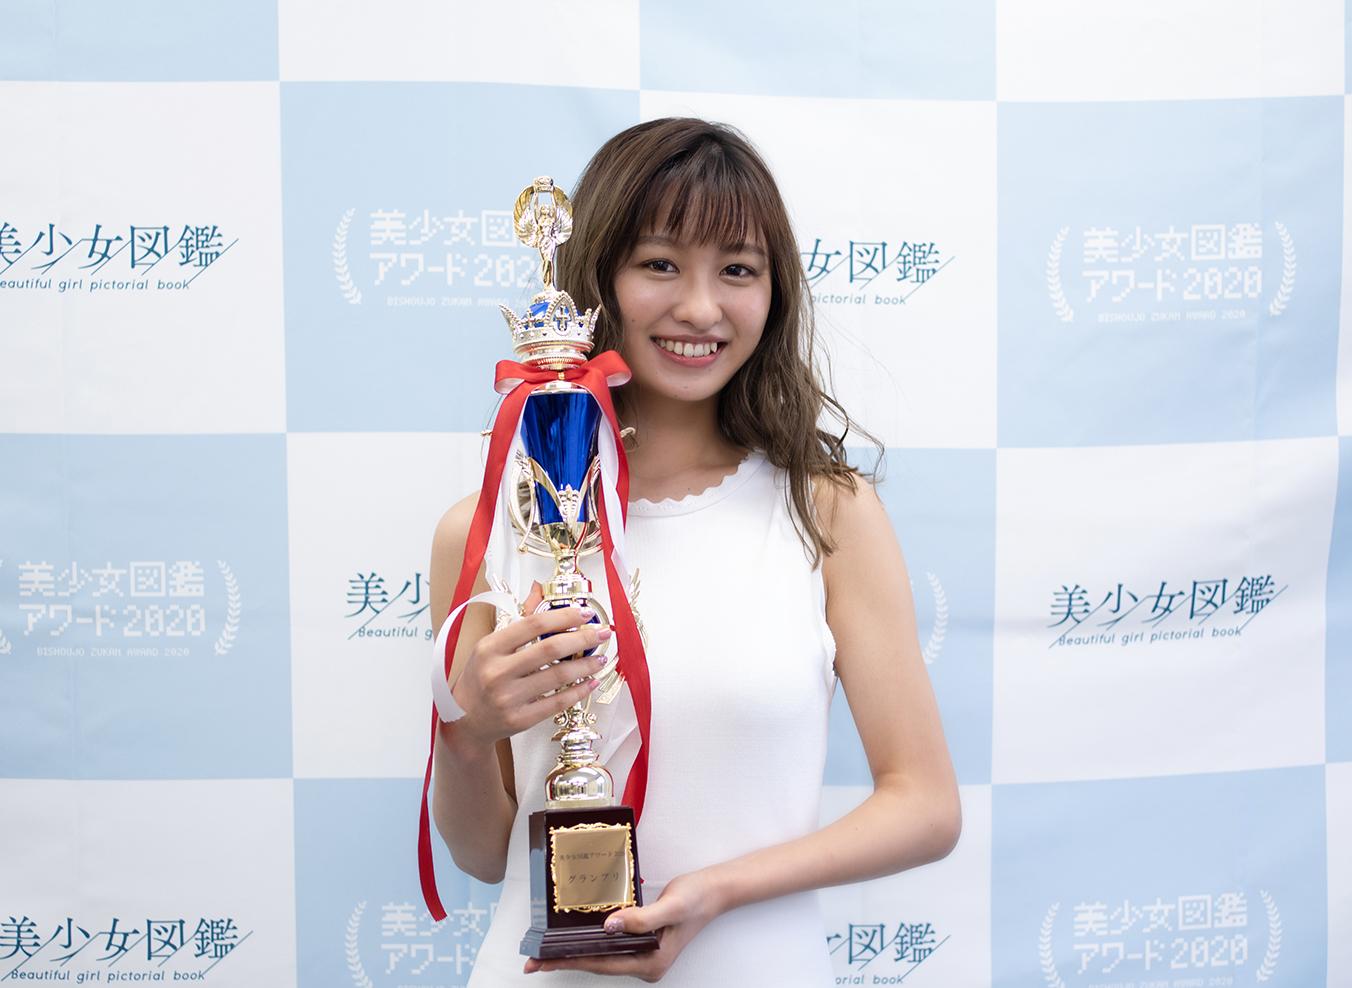 佐藤夕璃(『美少女図鑑アワード 2020』グランプリを受賞)